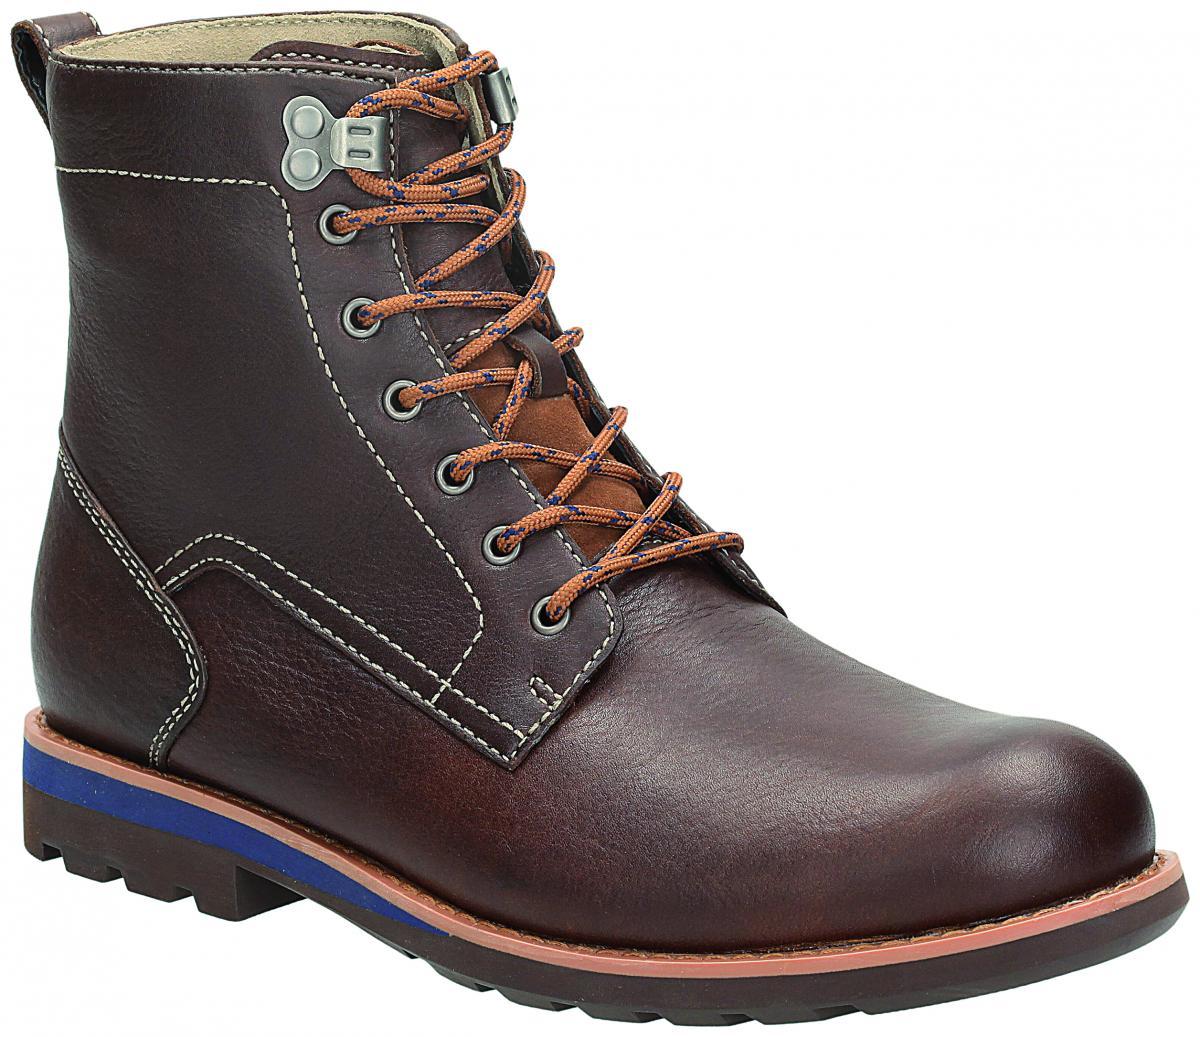 cc5ccdce20c39 buty Clarks - Męskie buty i dodatki Clarks - Trendy sezonu - Zdjęcie ...